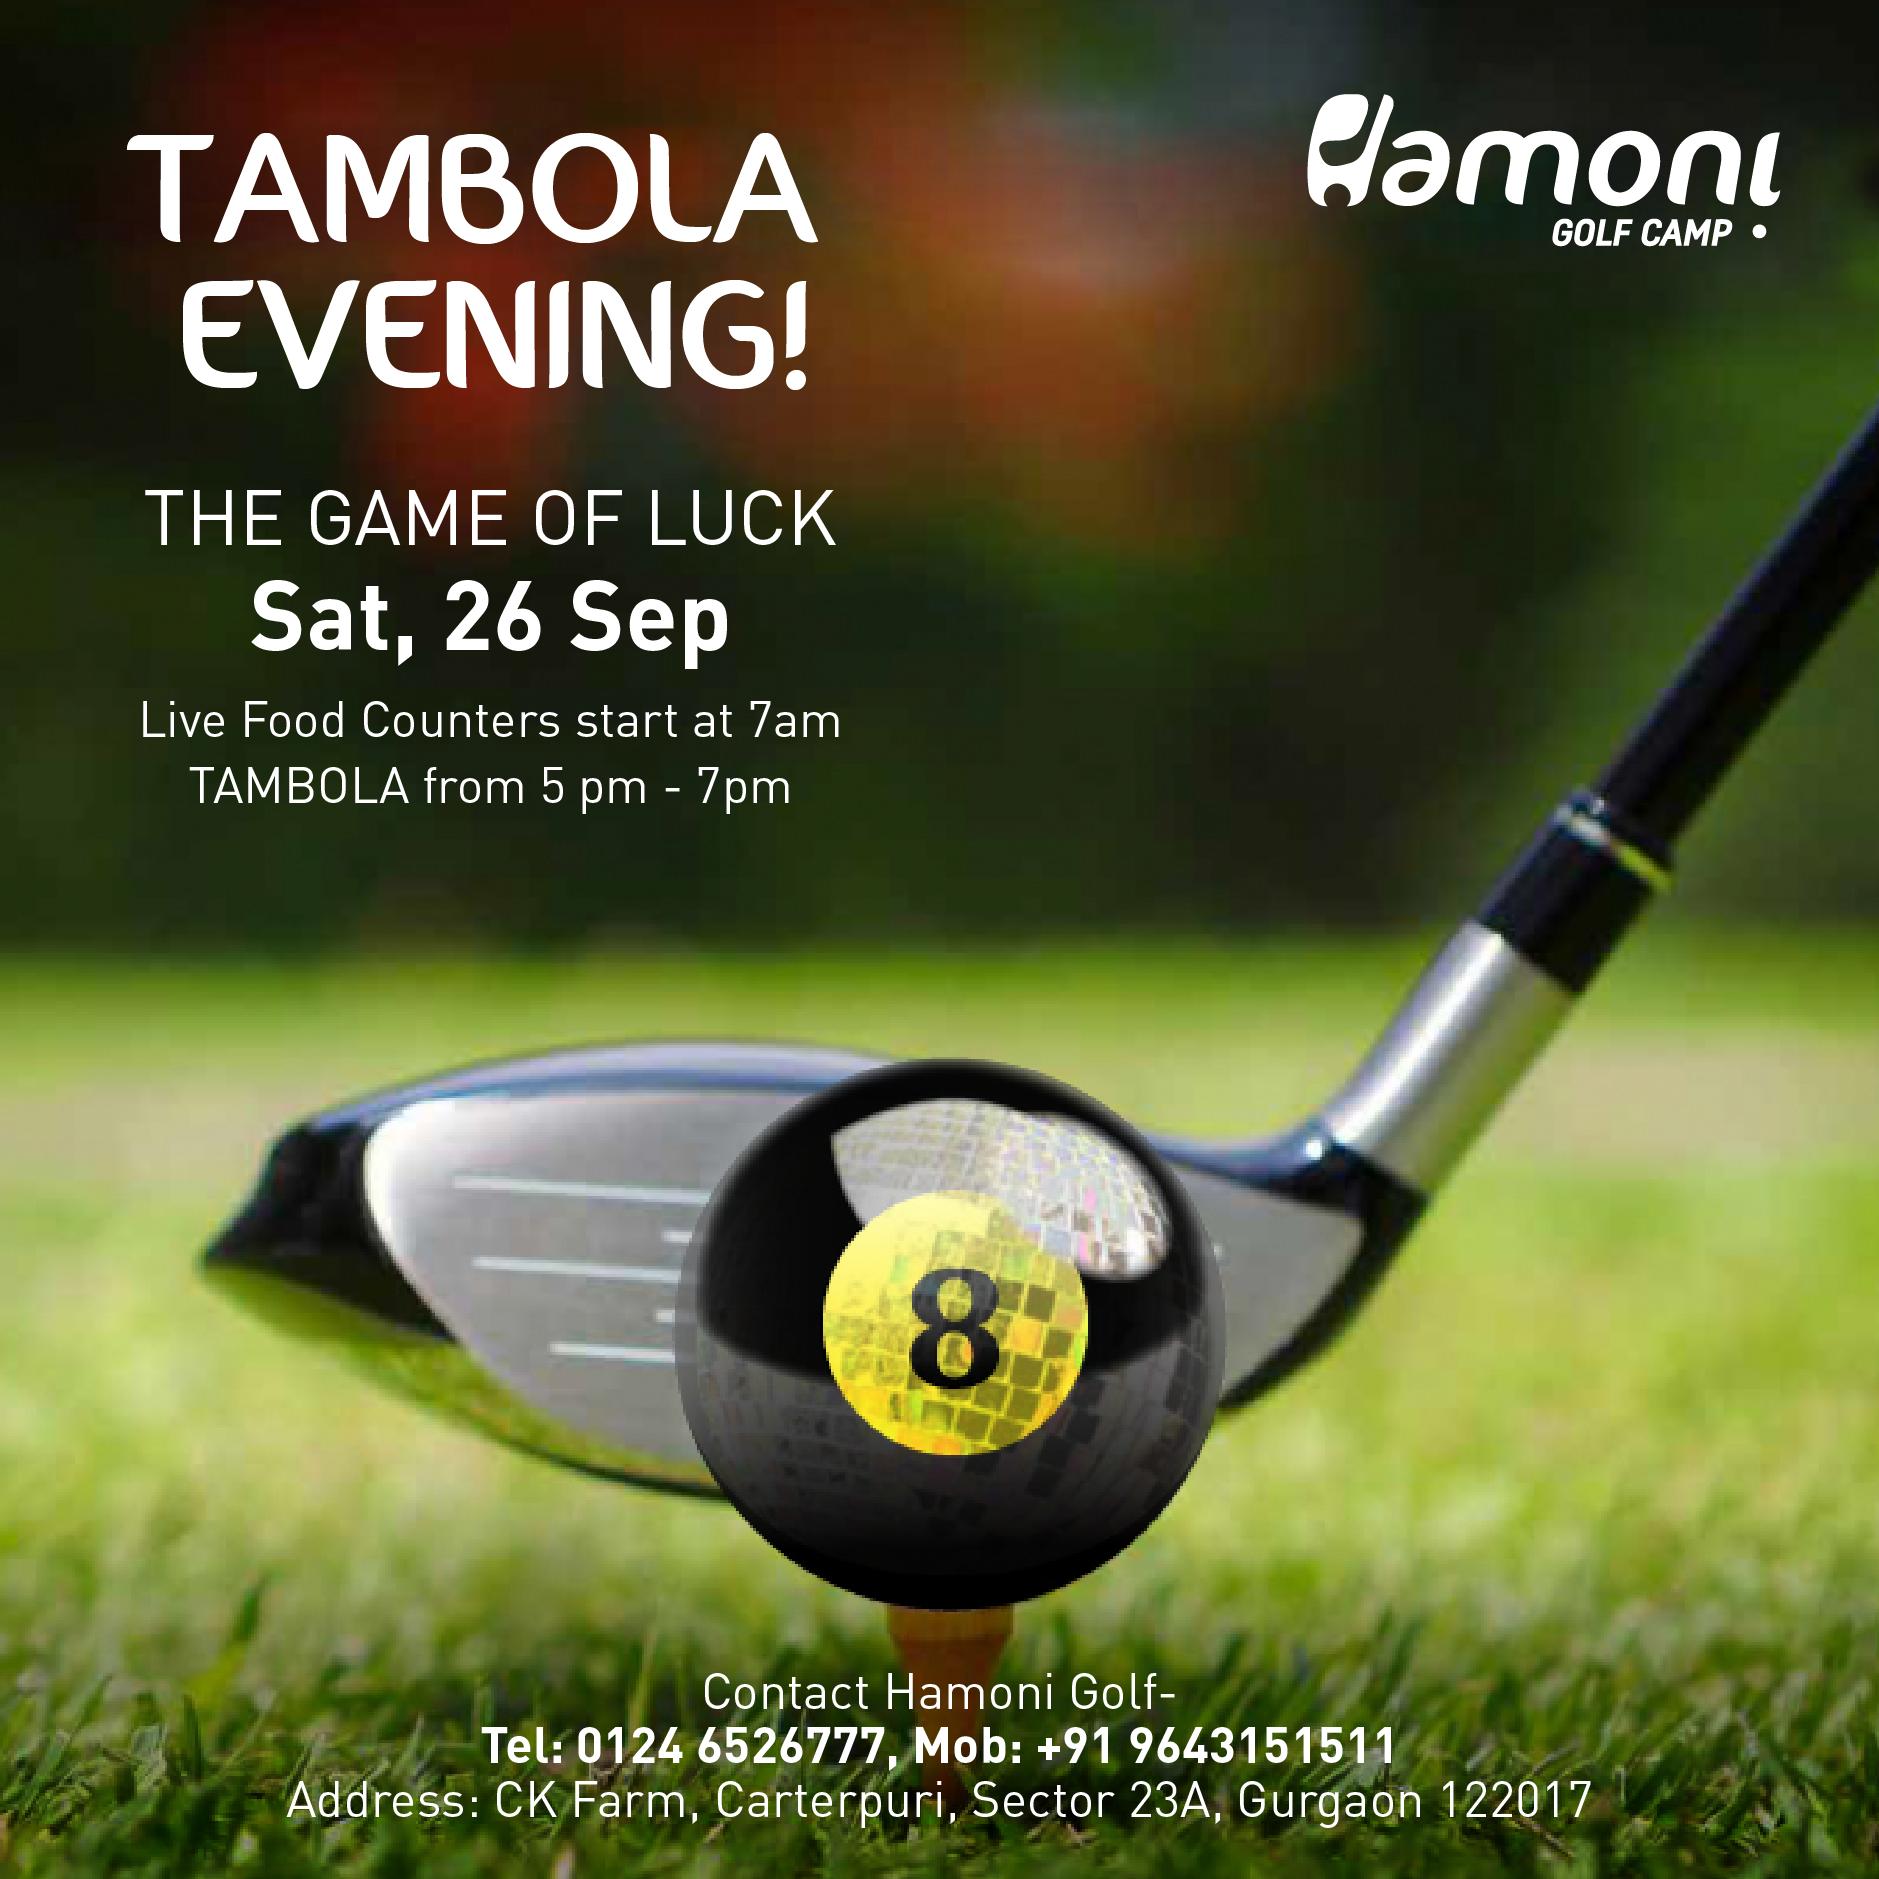 TAMBOLA EVENING